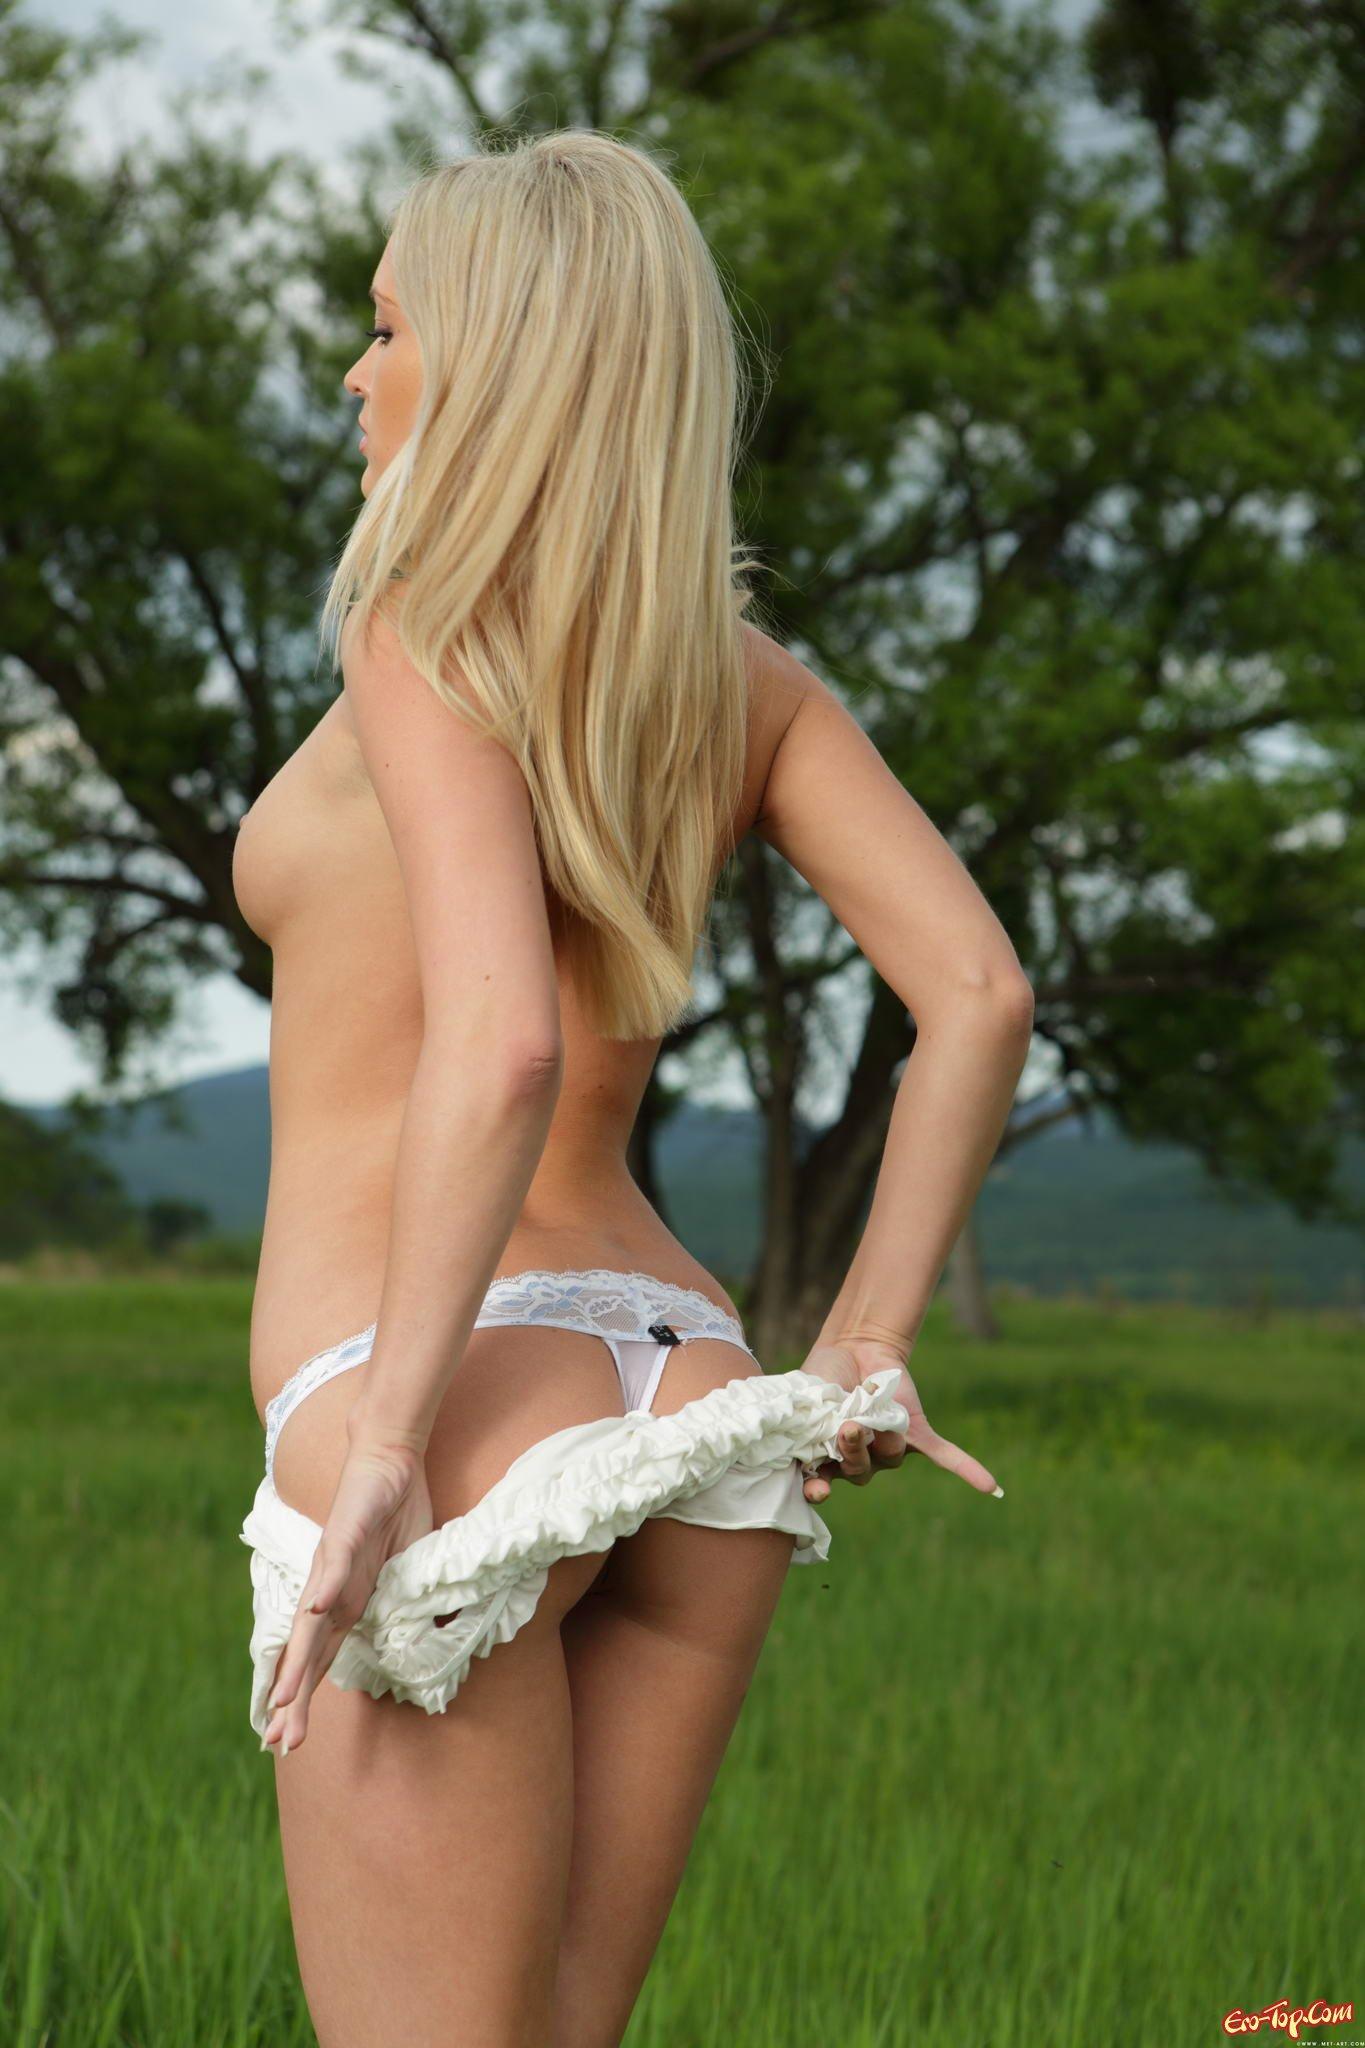 Голая в саду секс фото